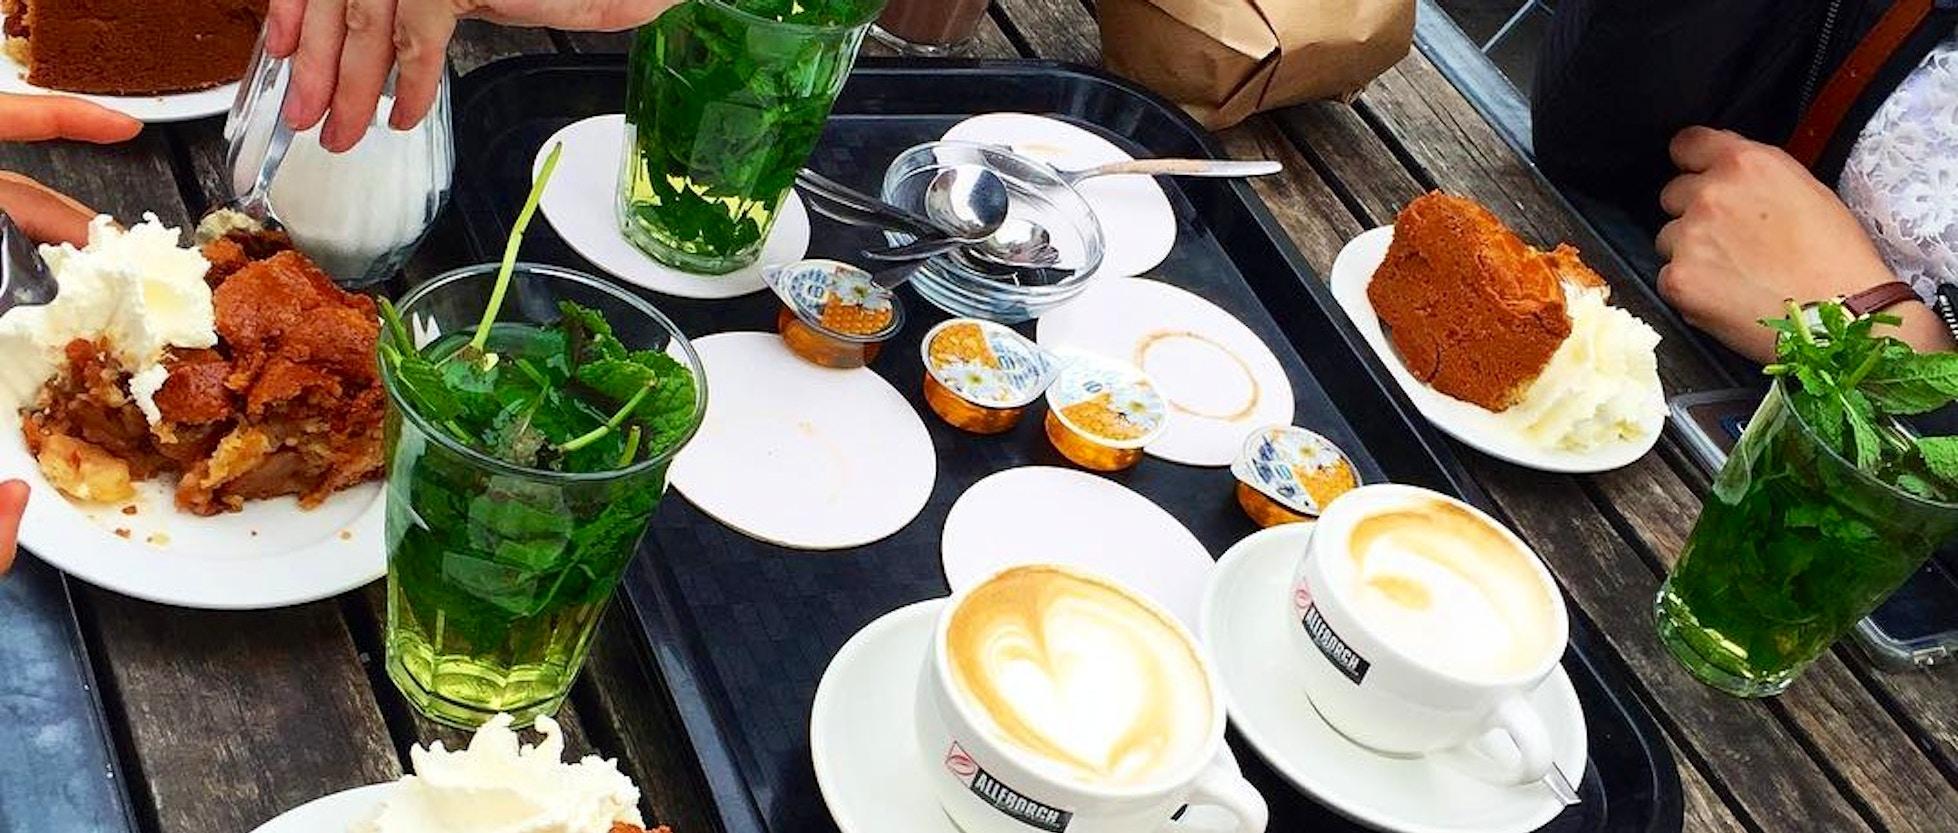 15 piatti tipici olandesi che devi mangiare ad amsterdam for Piatti da mangiare